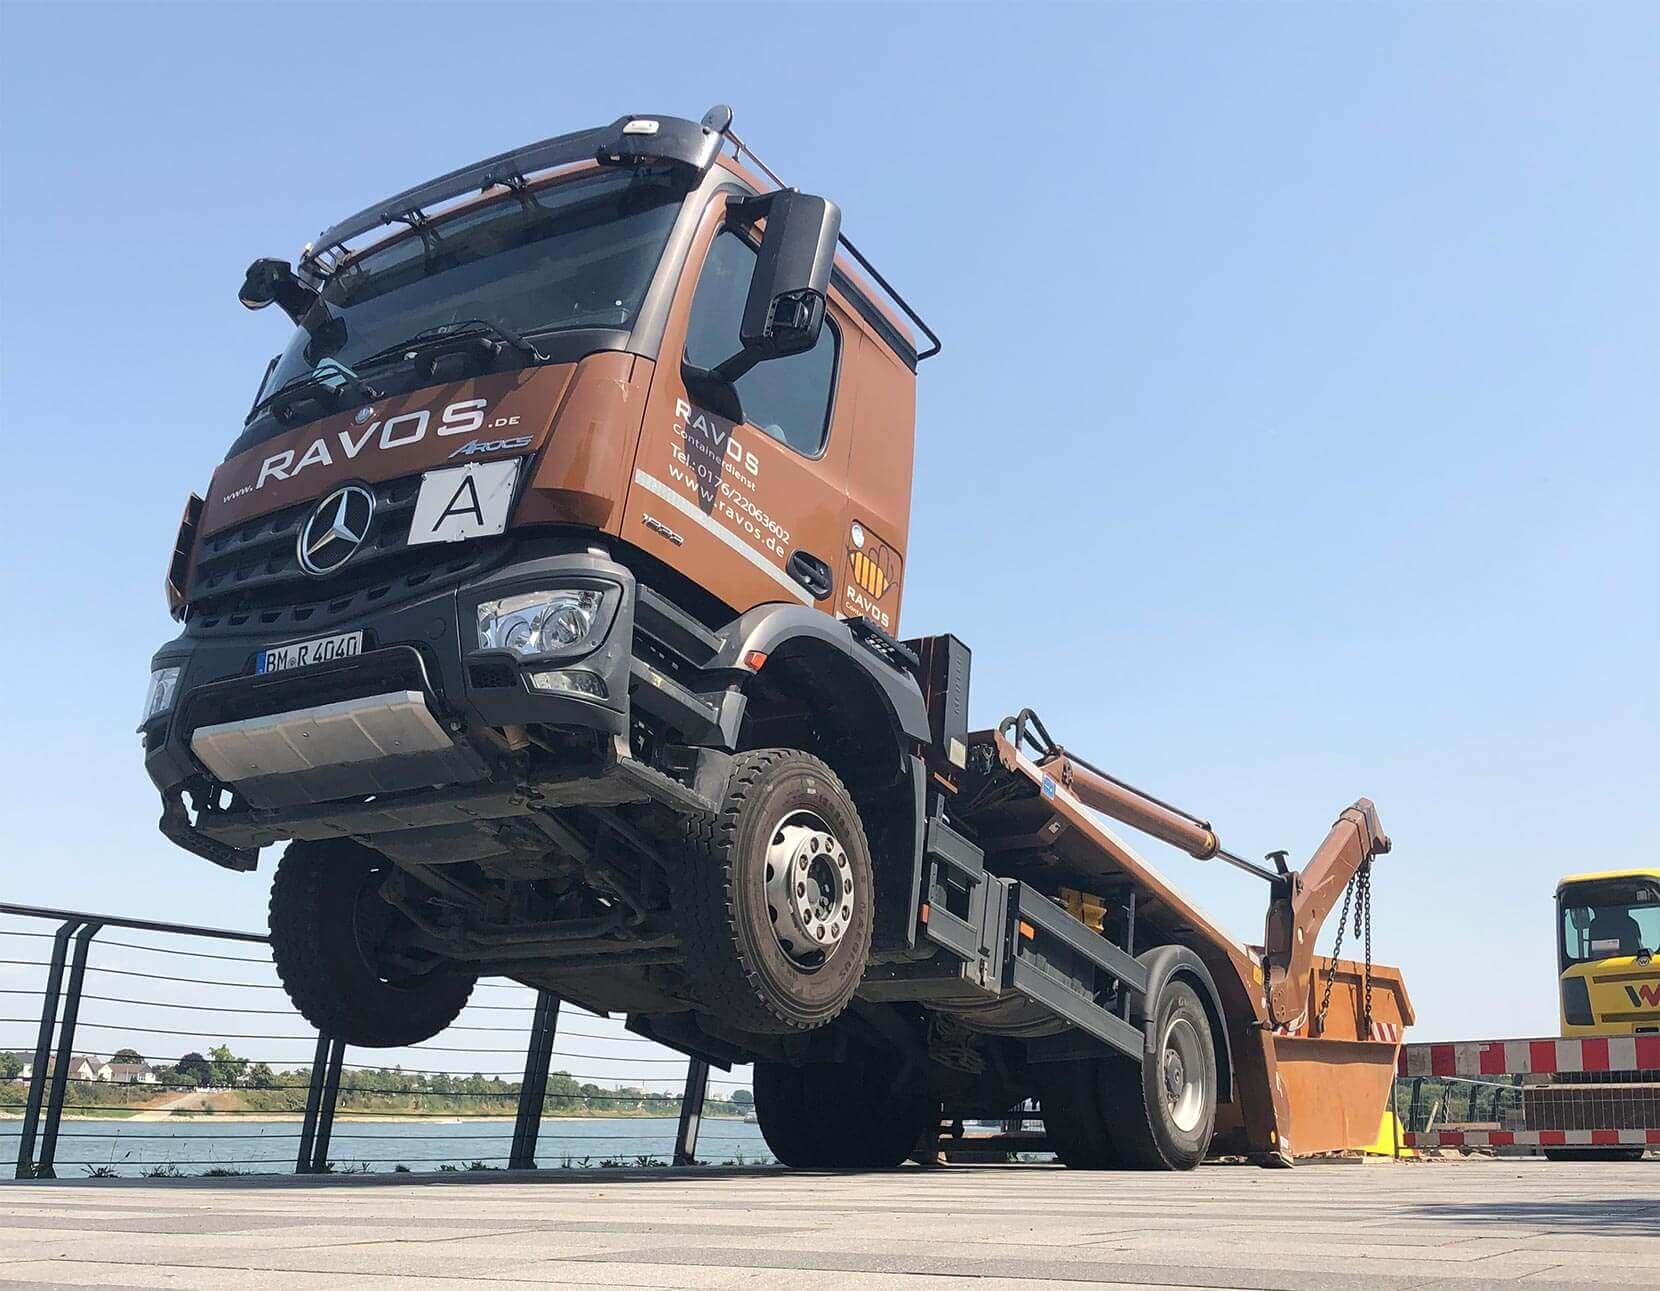 LKW Ravos Containerdienst